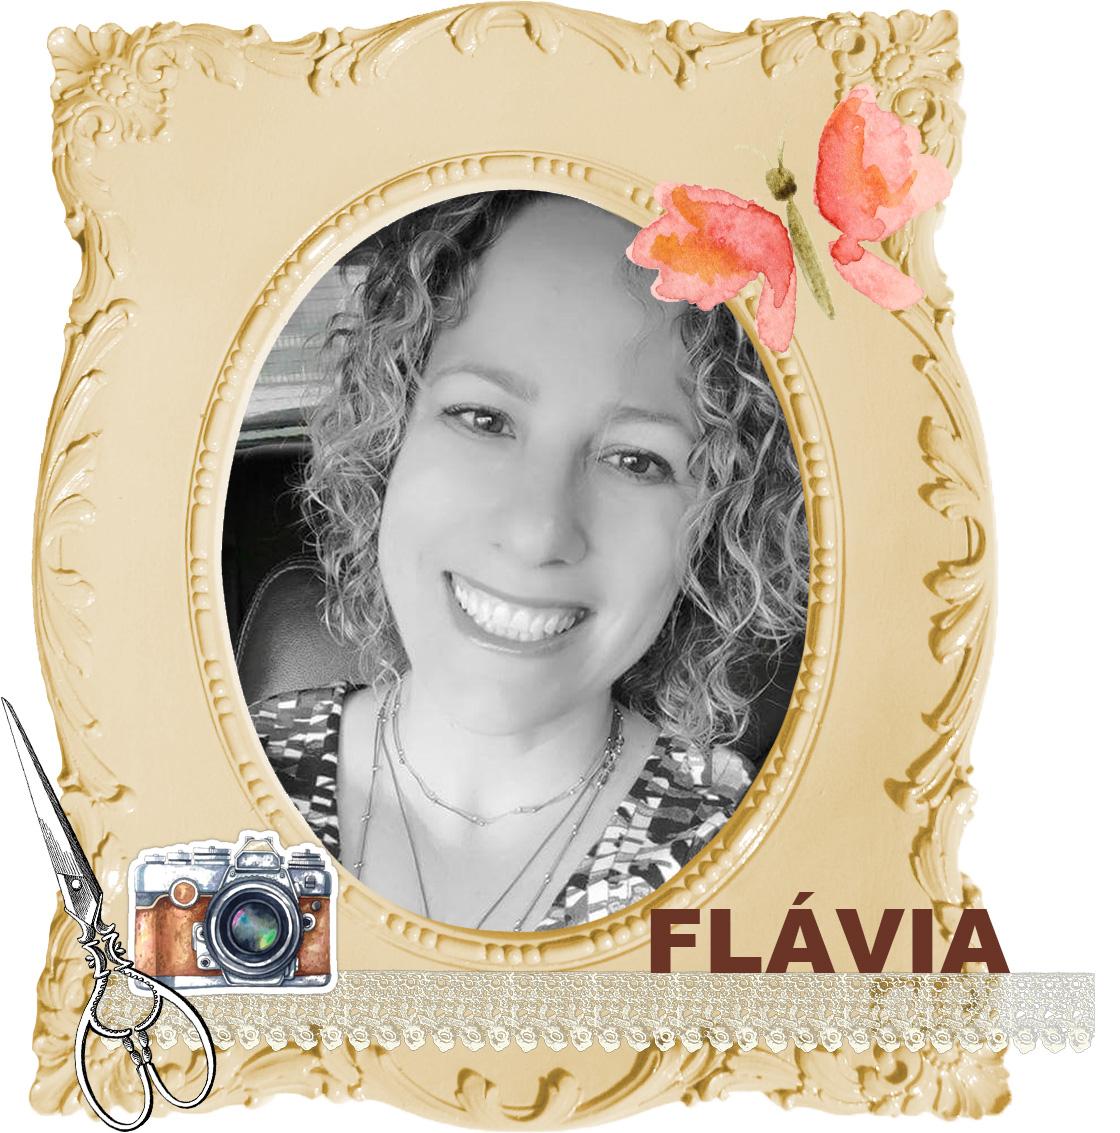 Designer Flávia Gaiguer